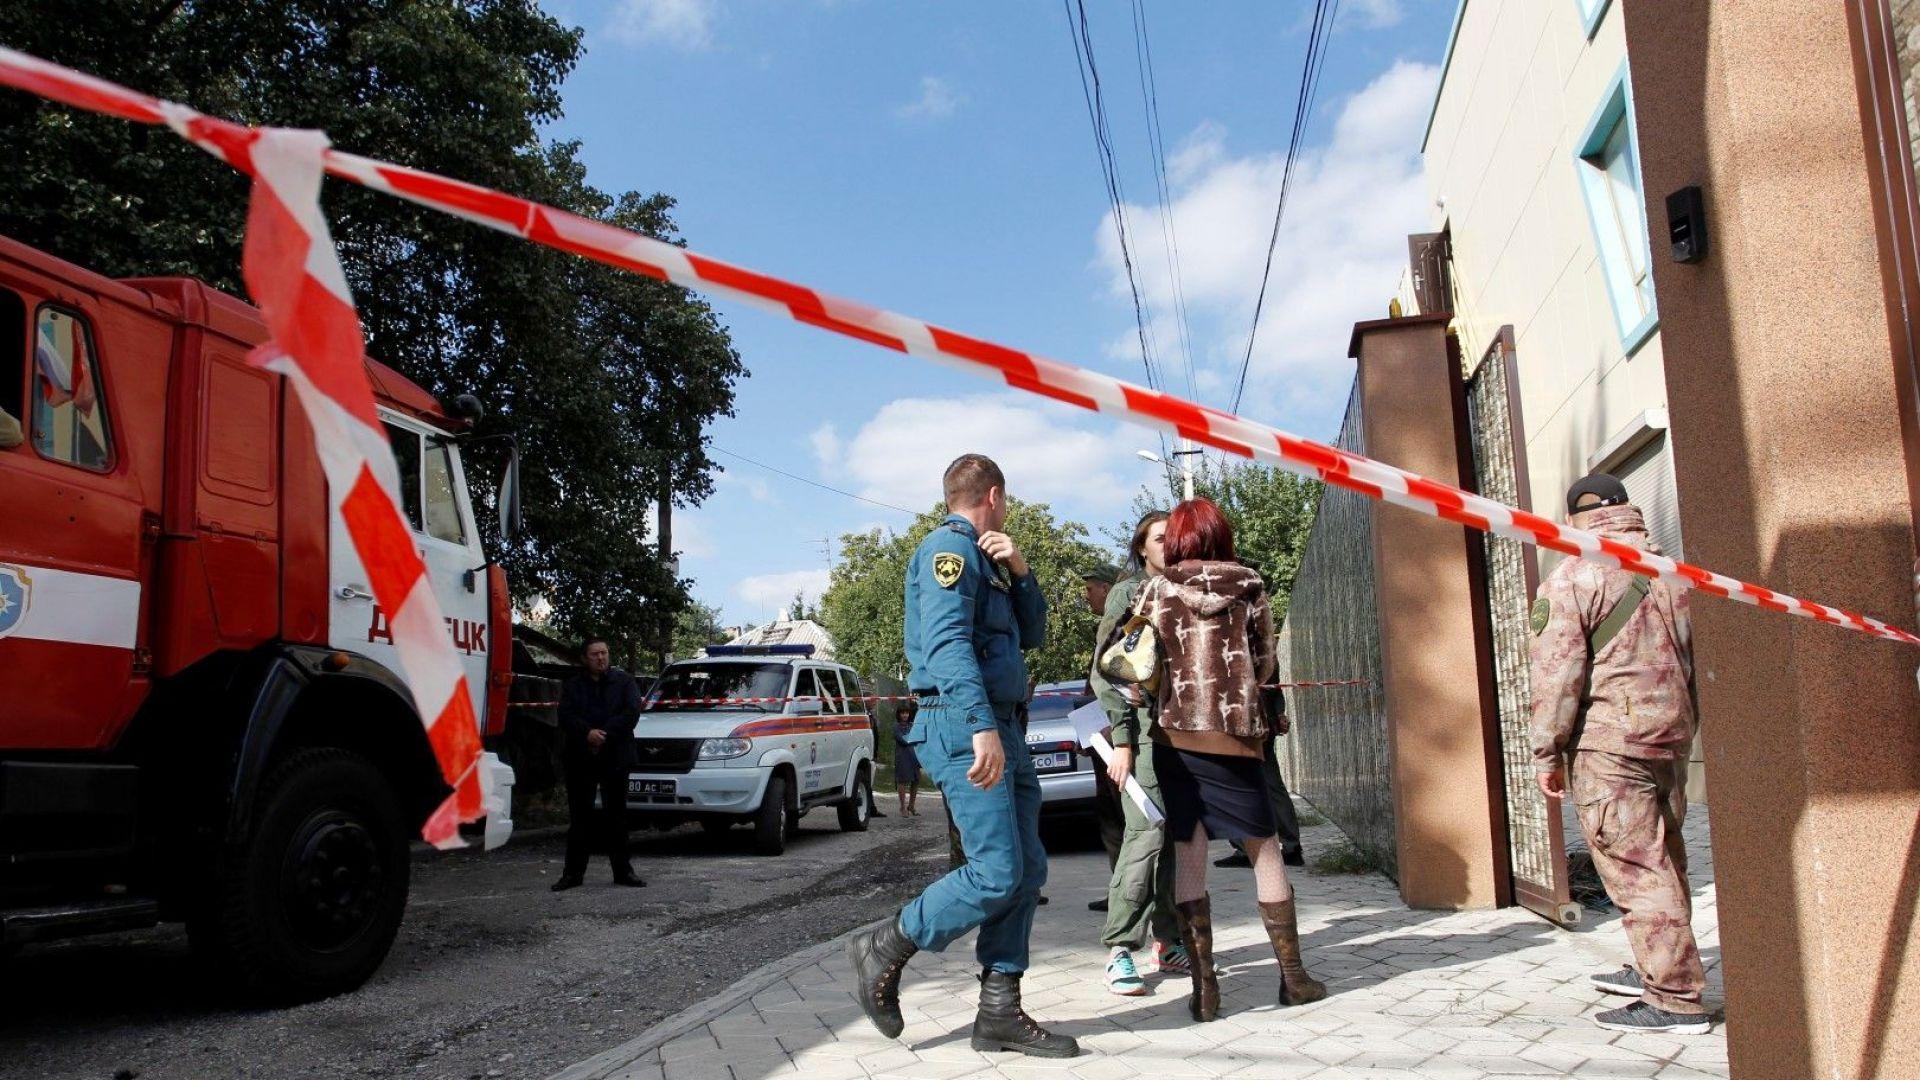 Украинските власти евакуираха 10 000 души след експлозия и пожар в склад за боеприпаси